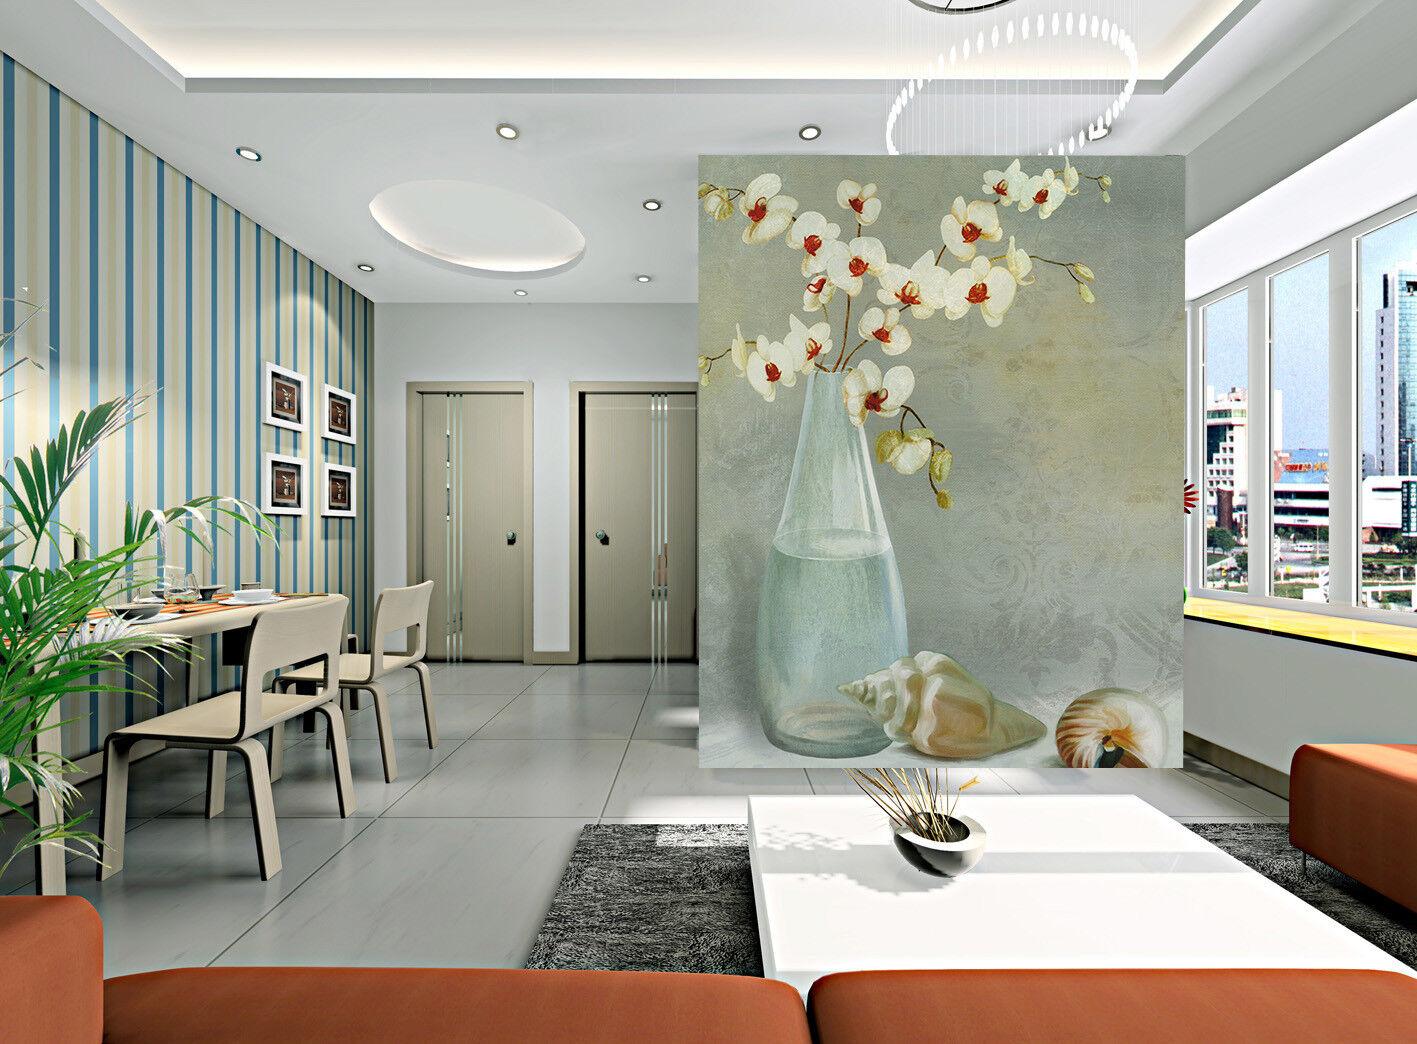 3d glass bottles blumen shell 8 wandpaper Mural wandpaper wandpaper Picture Family De